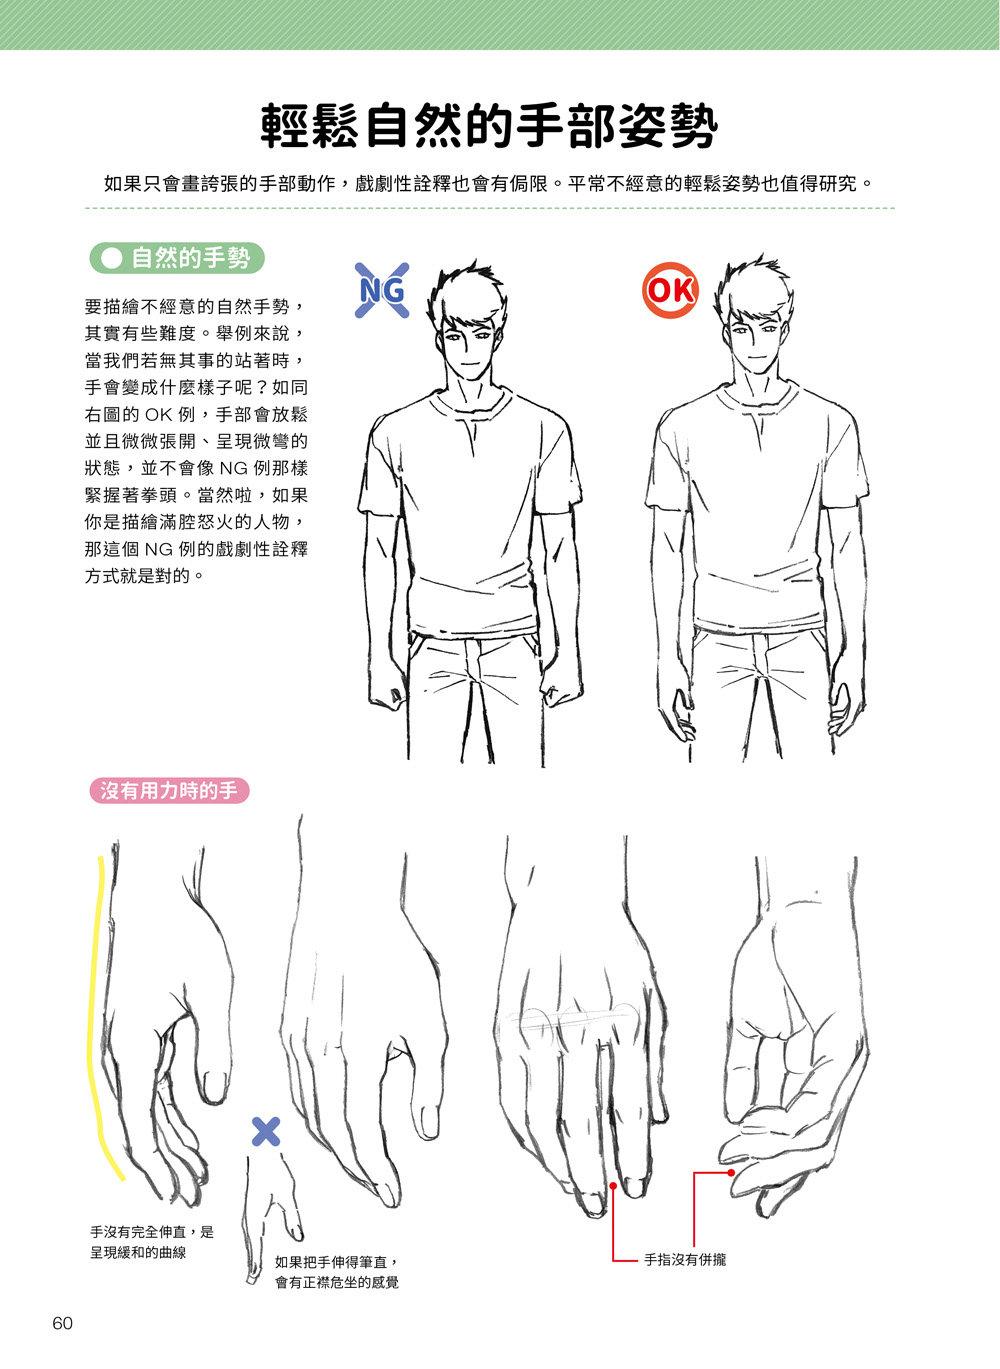 神之手:動畫大神加加美高浩的繪手神技-preview-2